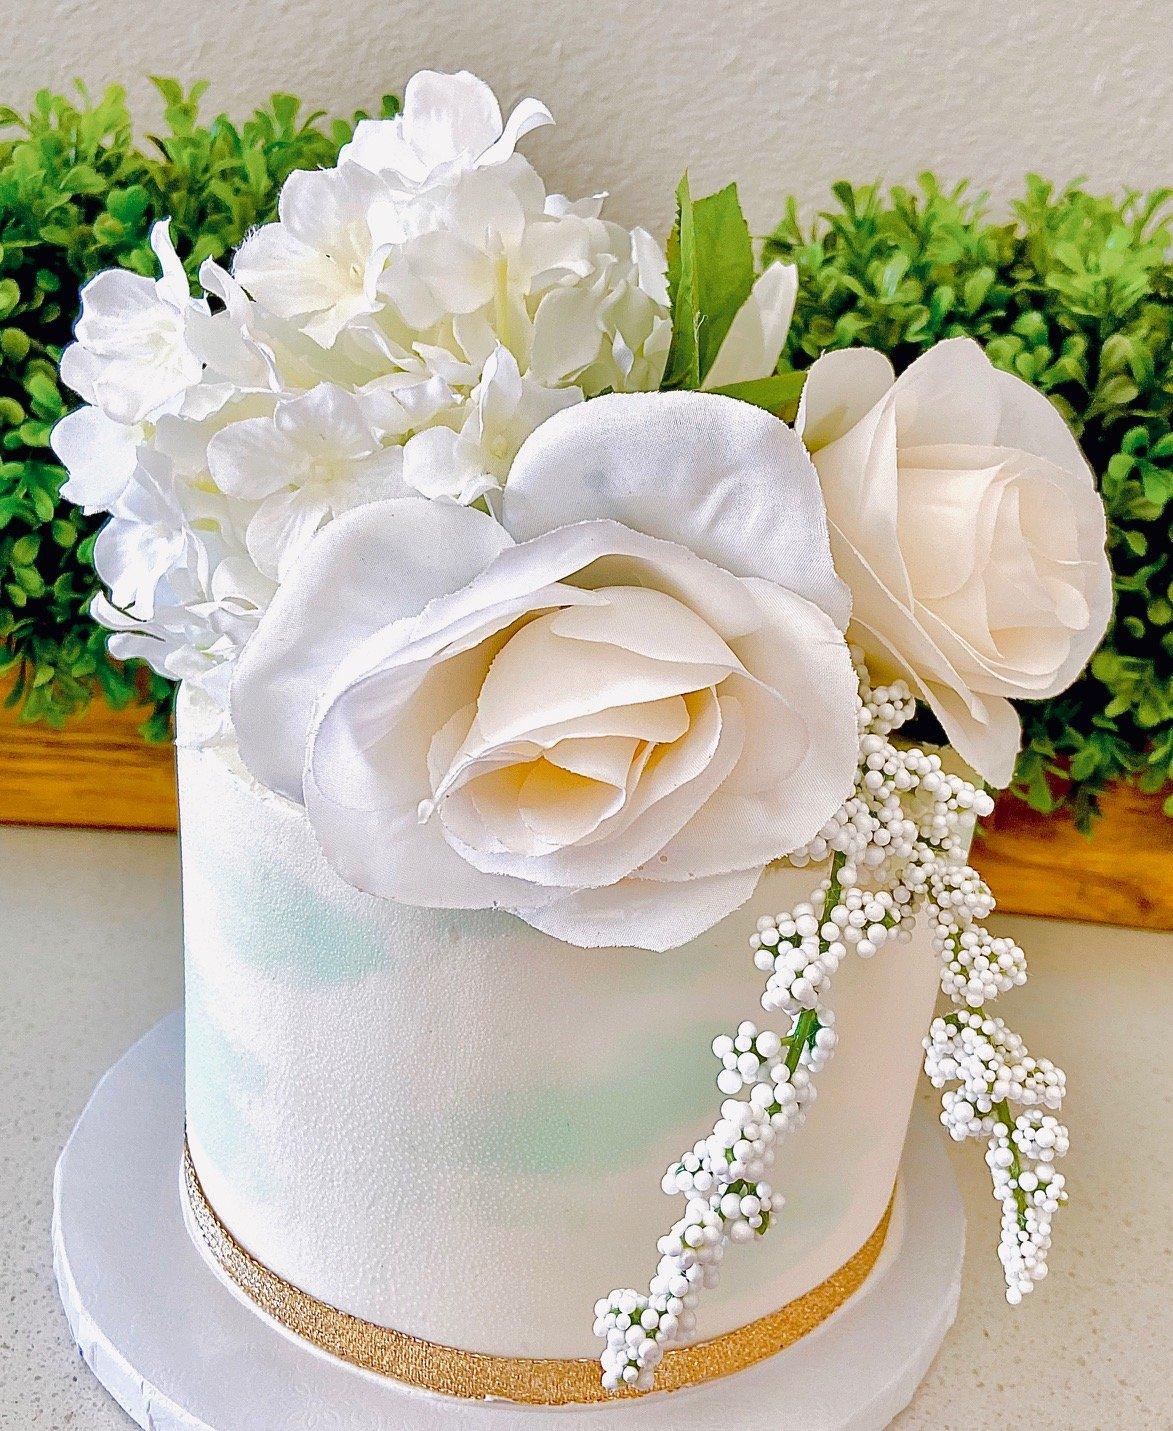 Floral Signature Cakes